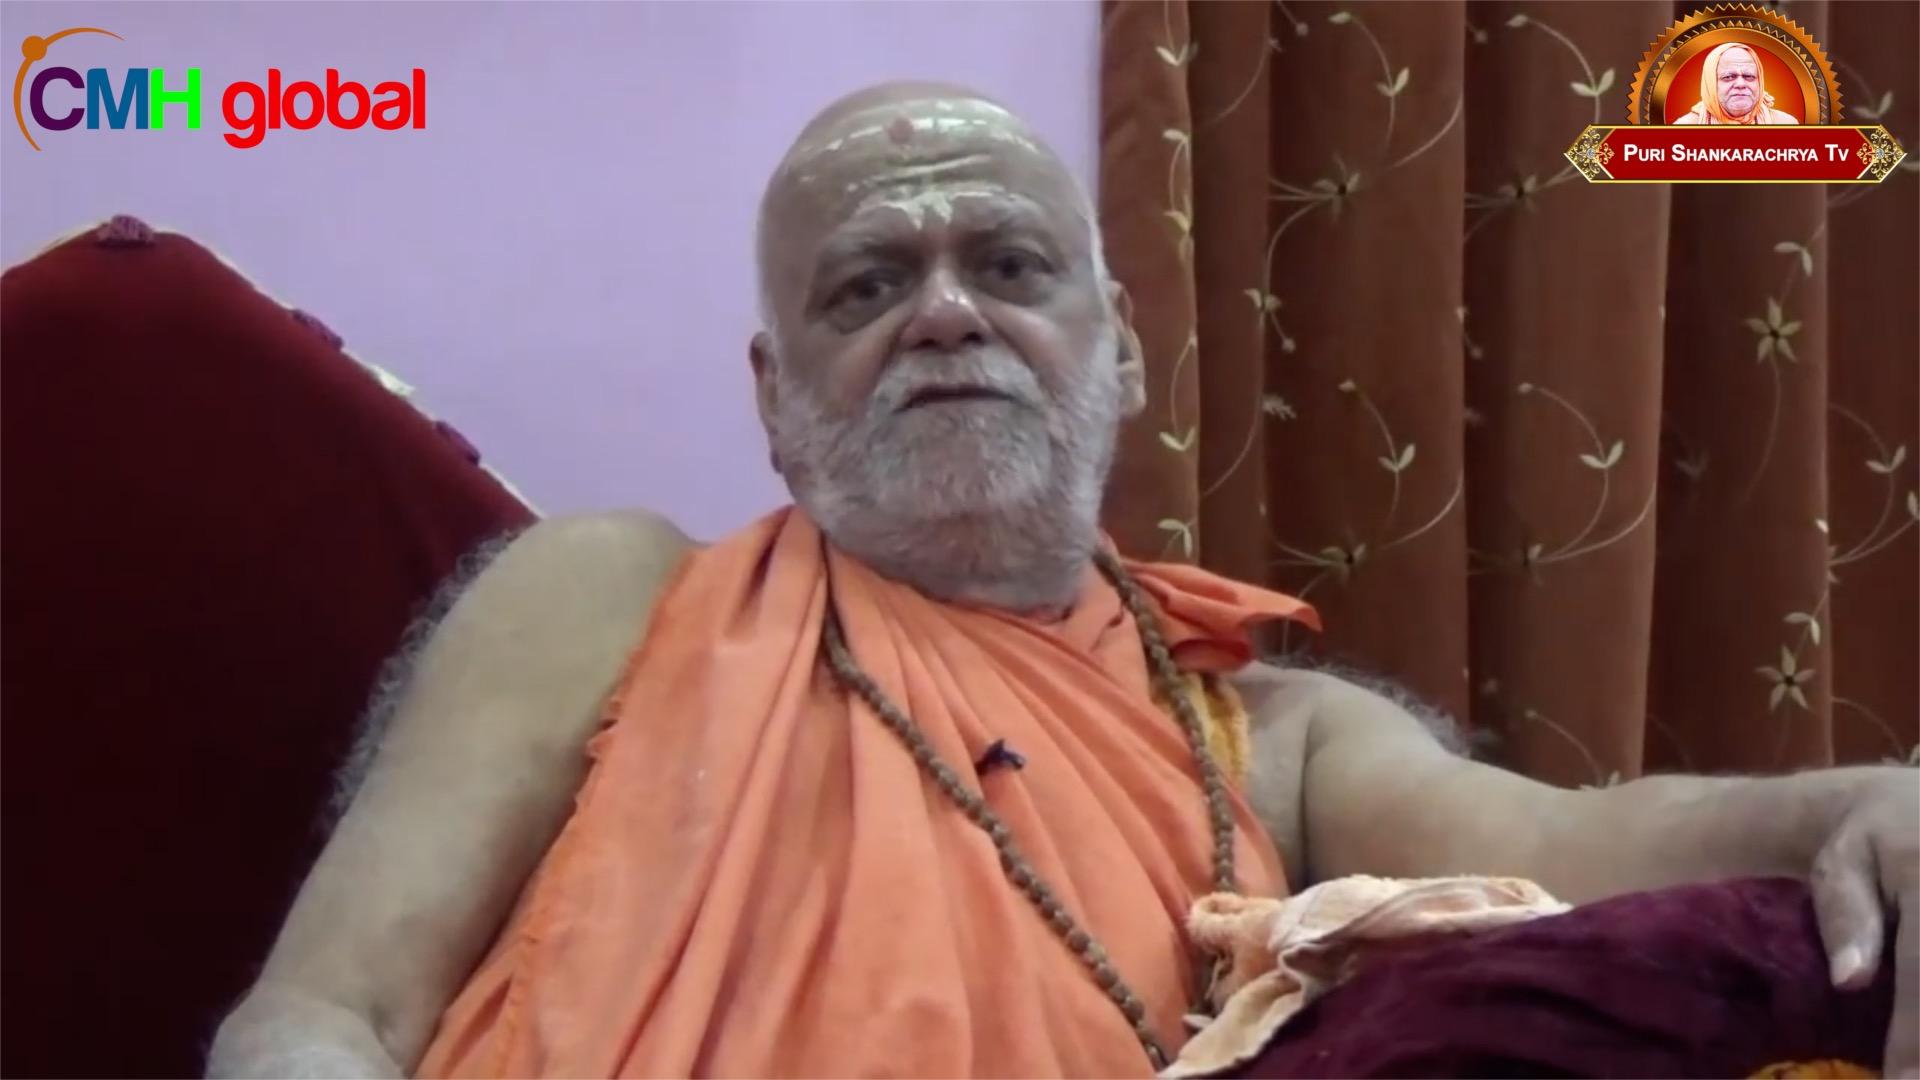 Gyan Dhara Ep -65 by Puri Shankaracharya Swami Nishchalananda Saraswati Ji